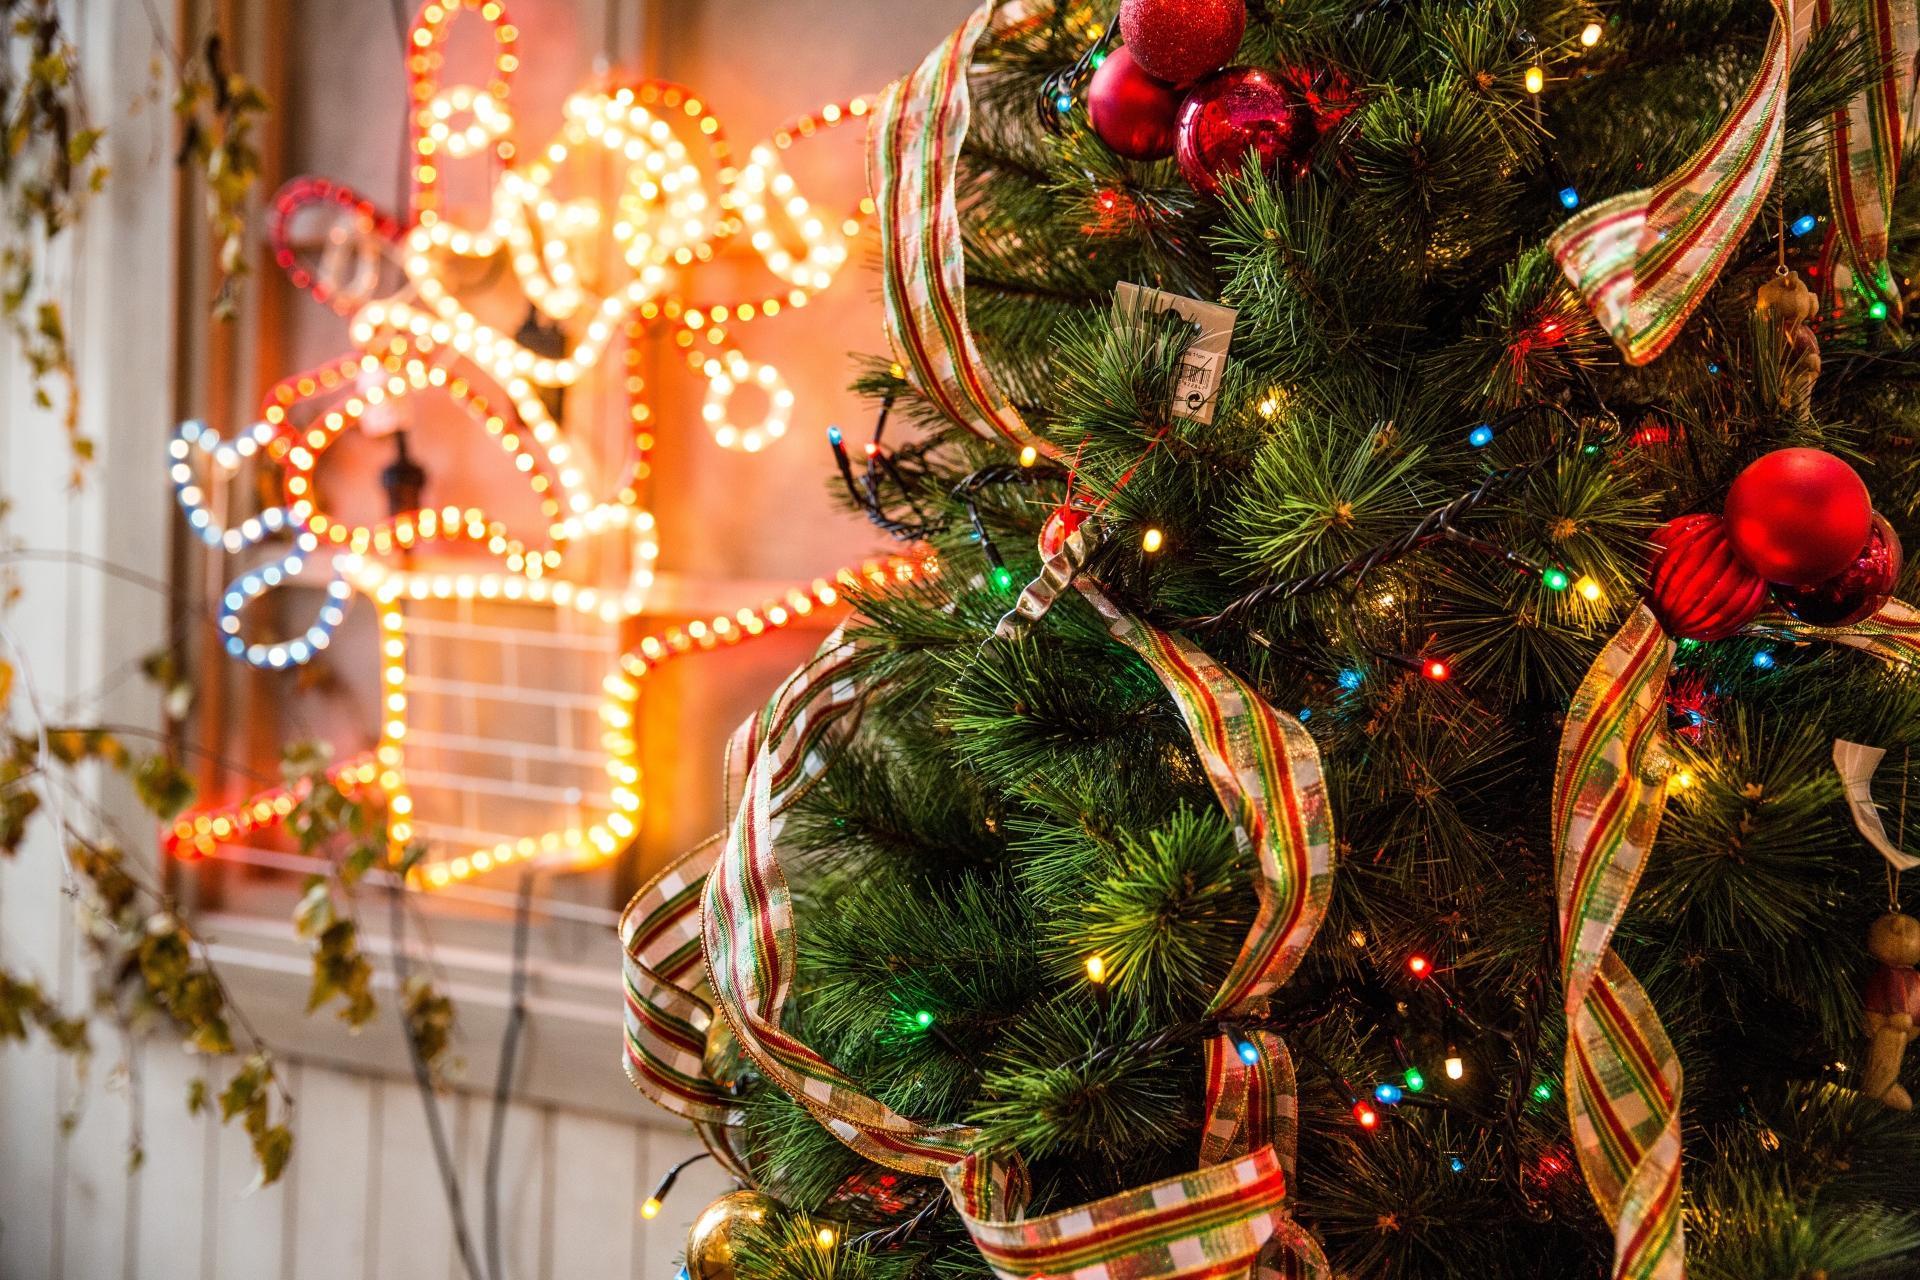 Addobbi Natalizi Tedeschi.In Germania Rinuncerebbero Volentieri Alle Luci Di Natale Per Aiutare Il Pianeta Radio Monte Carlo